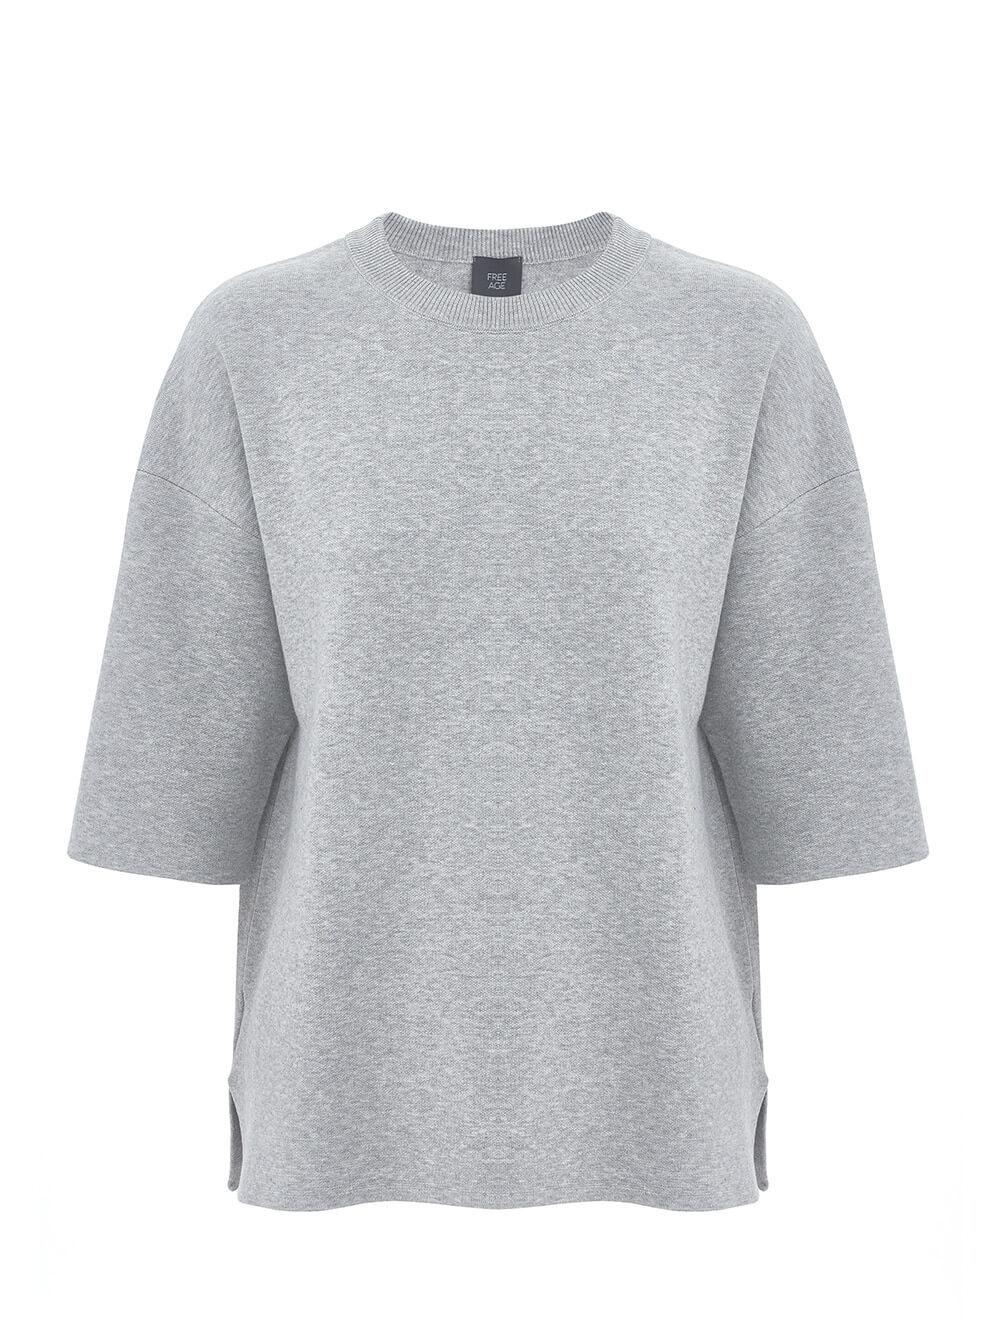 Женский джемпер цвета серый меланж из вискозы - фото 1